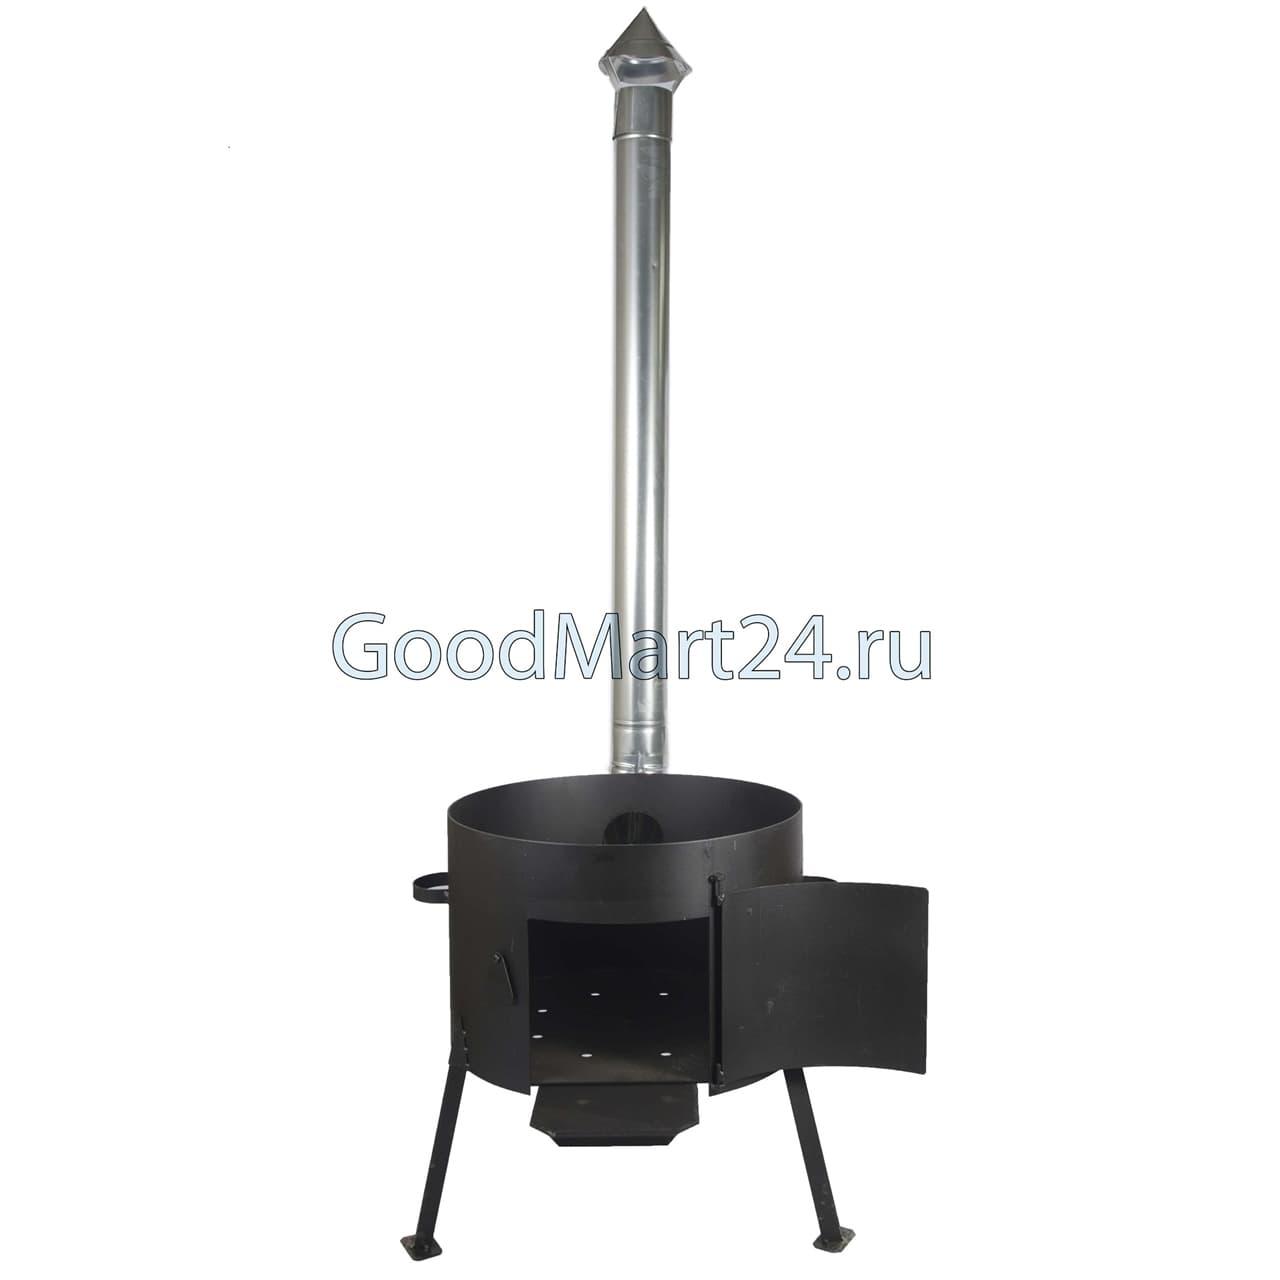 Комплект: Чугунный казан 10 л. Балезинский ЛМЗ + Печь с трубой D-360 мм, усиленная s- 3 мм. - фото 5542